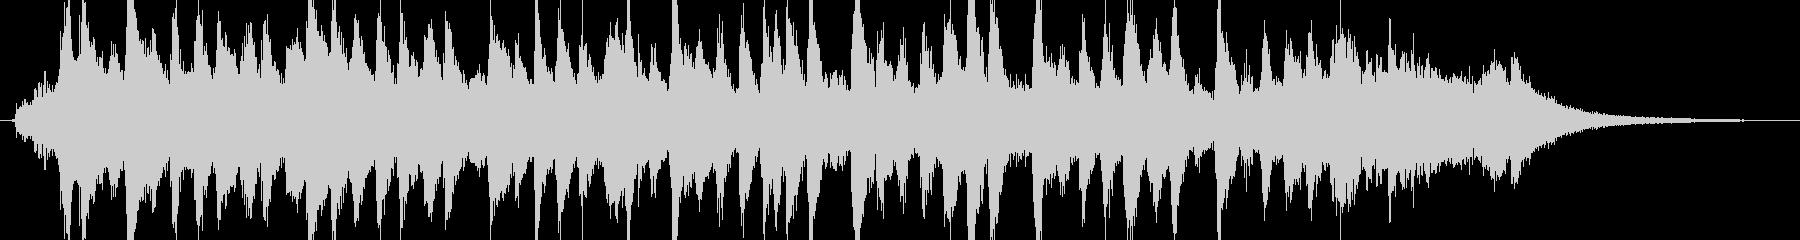 卑劣なサウンドトラックは、ティムバ...の未再生の波形